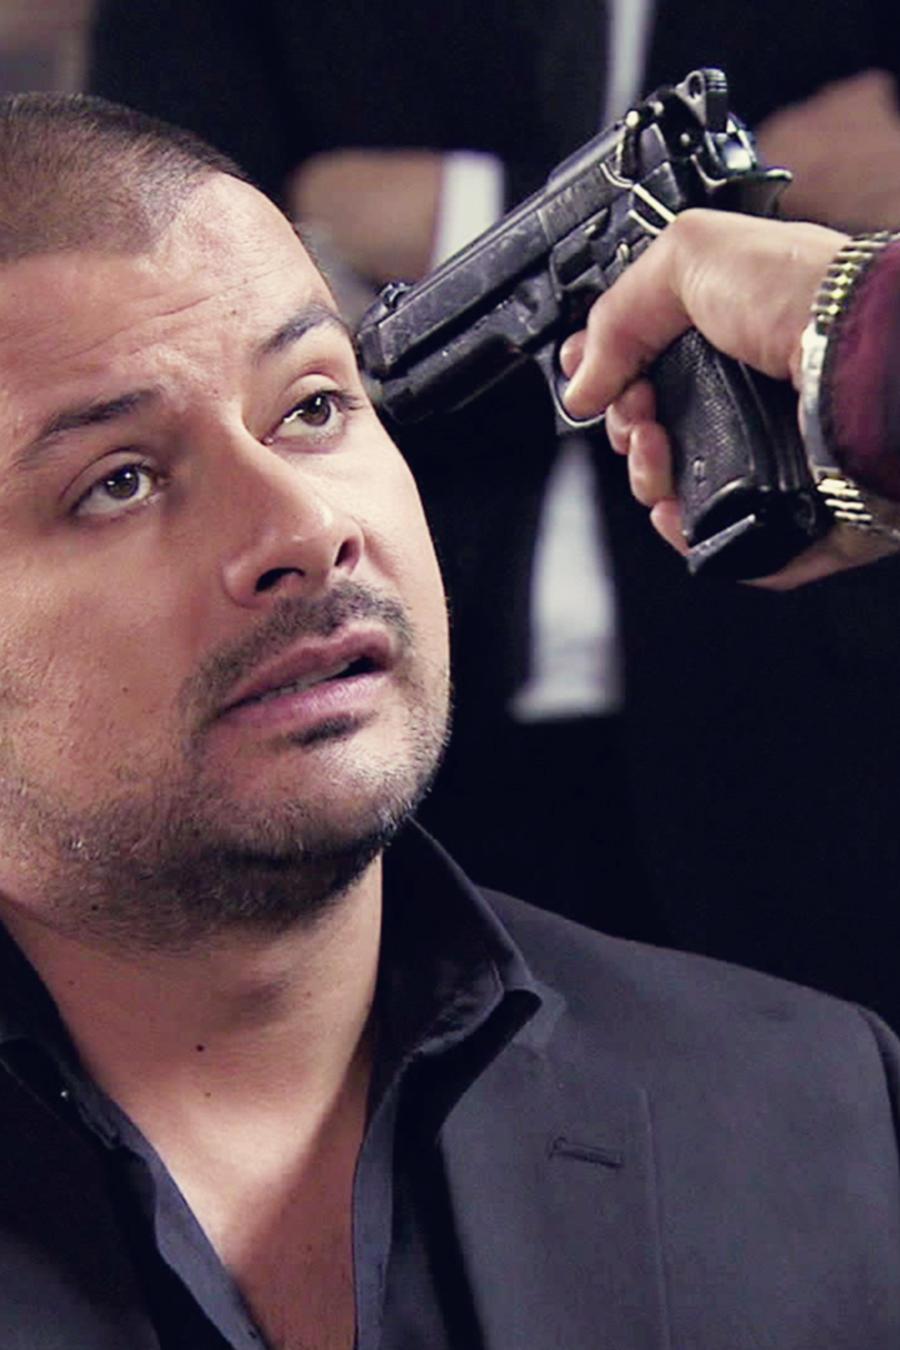 Tommy Vasquez, Tijeras, le apuntan con un arma, El Señor de los Cielos Tercera Temporada